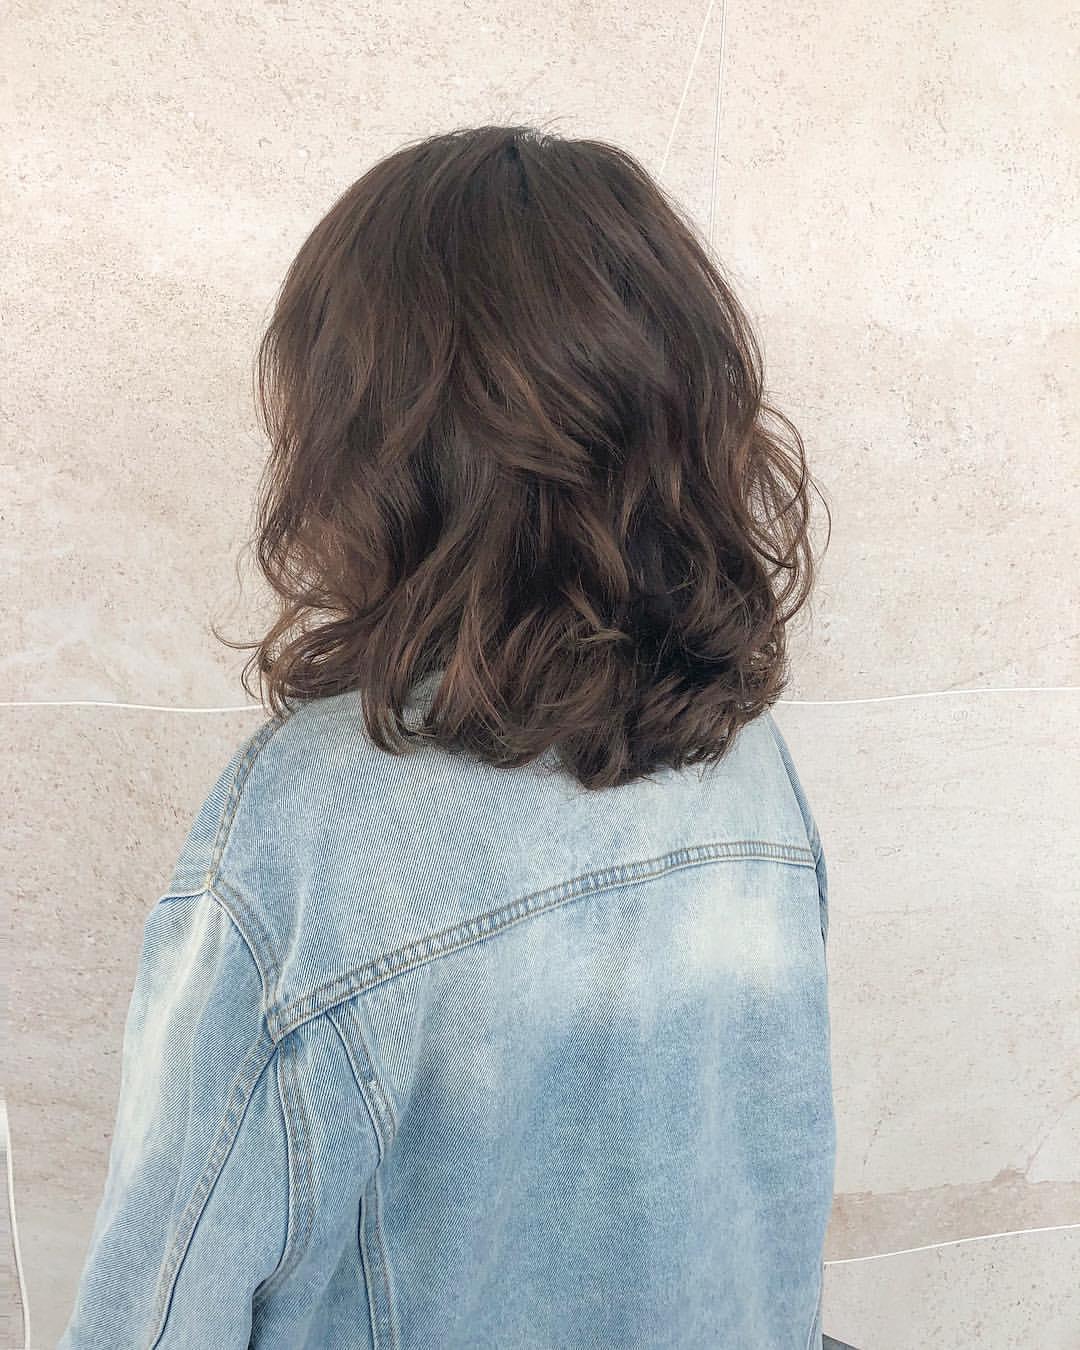 2019年流行短发发型烫一烫, 发量太少也能变好看图片